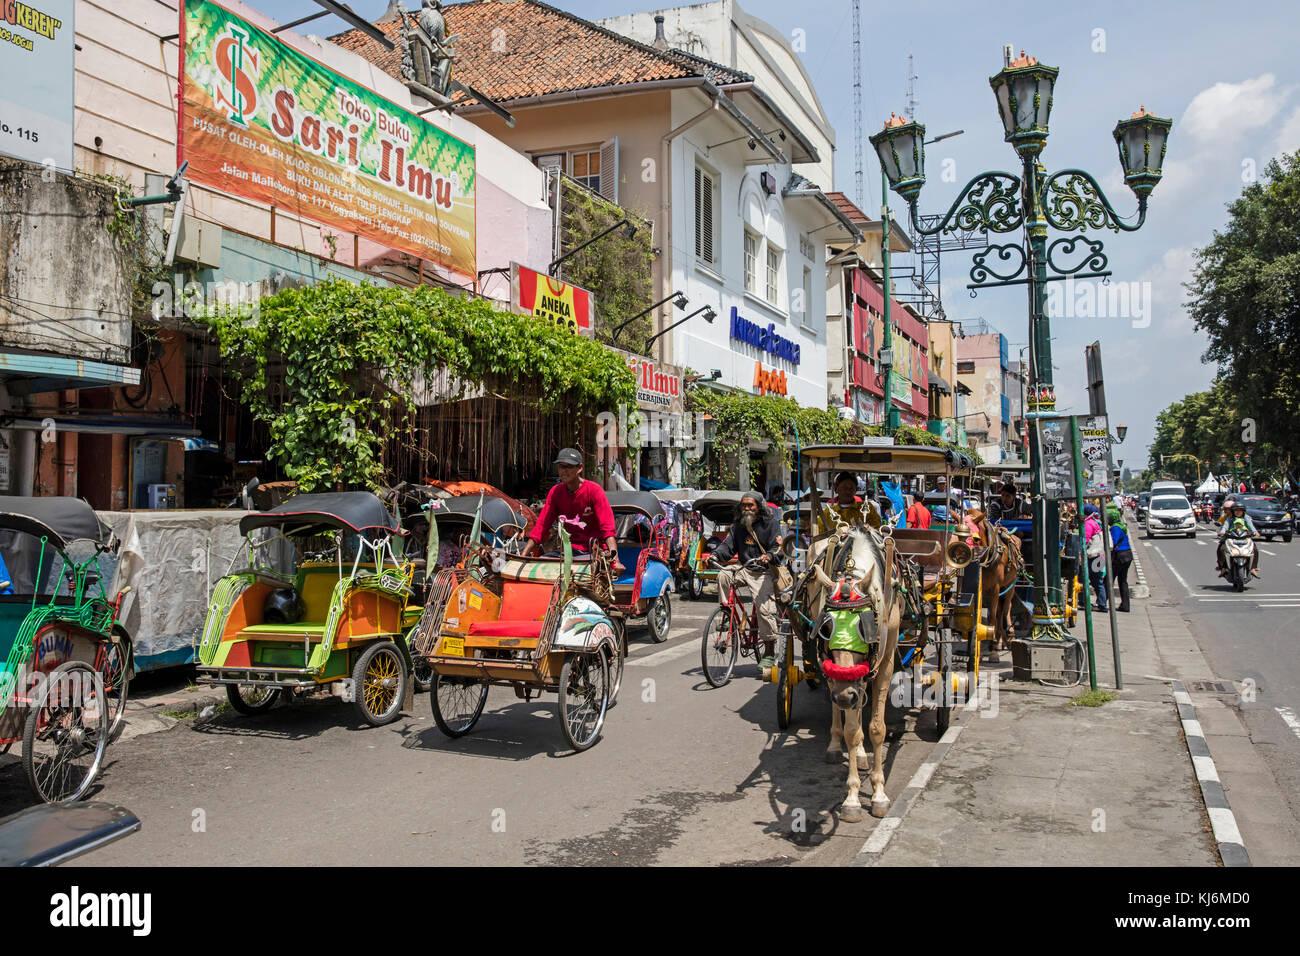 Vélos-pousse / becak et calèches pour les transports publics à Jalan Malioboro, principale rue commerçante à Yogyakarta, java, Indonésie Banque D'Images